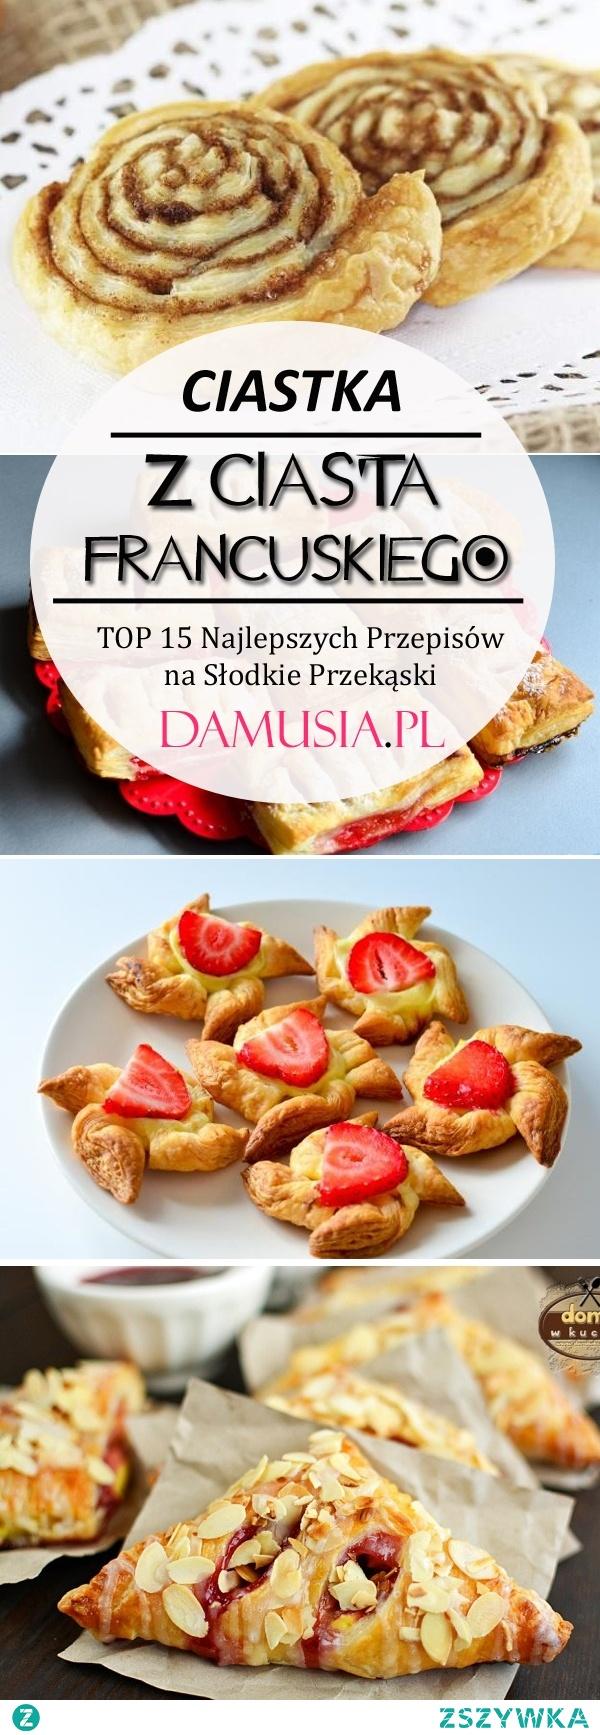 Pyszne Ciastka z Ciasta Francuskiego: TOP 15 Najlepszych Przepisów na Słodkie Przekąski